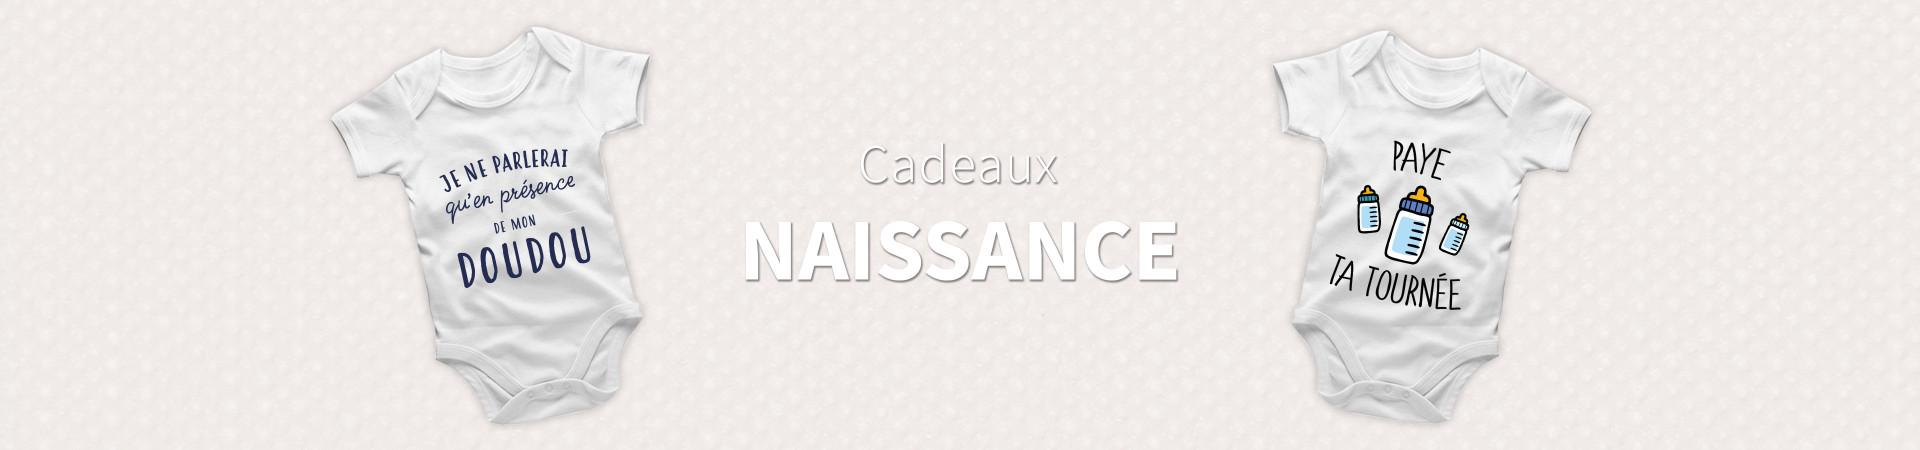 Cadeaux Naissance